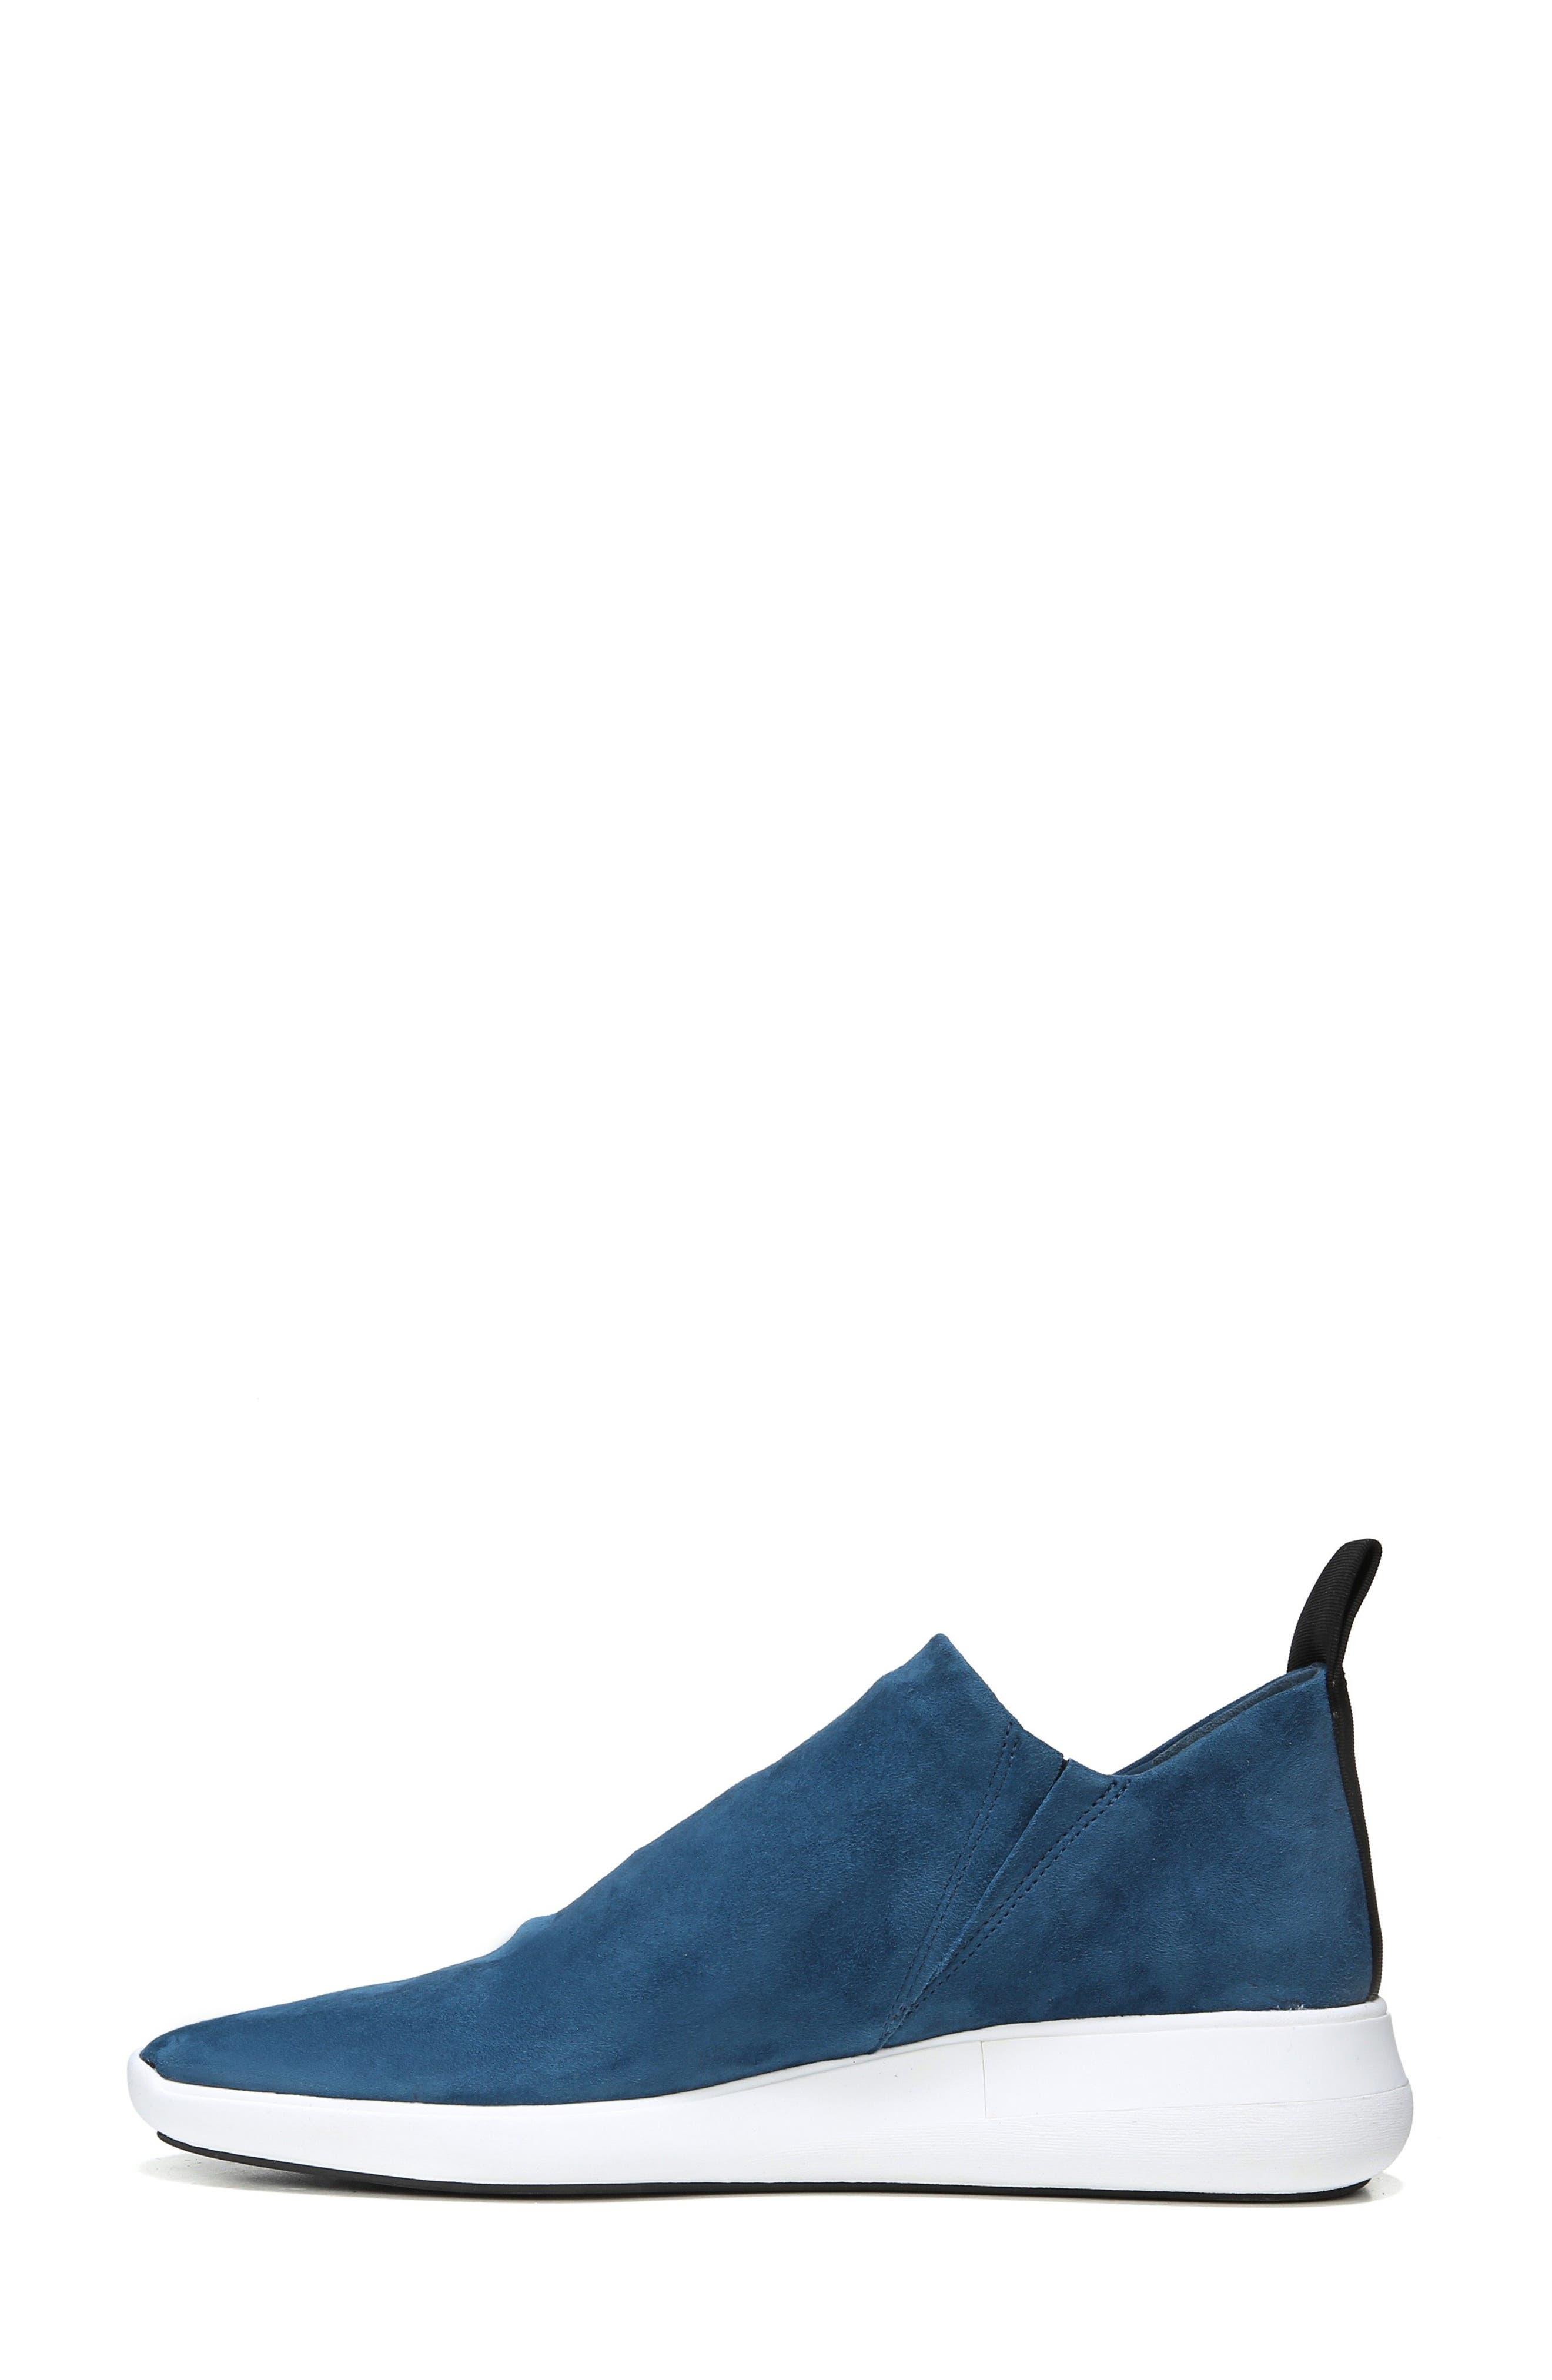 Marlow Slip-On Sneaker,                             Alternate thumbnail 8, color,